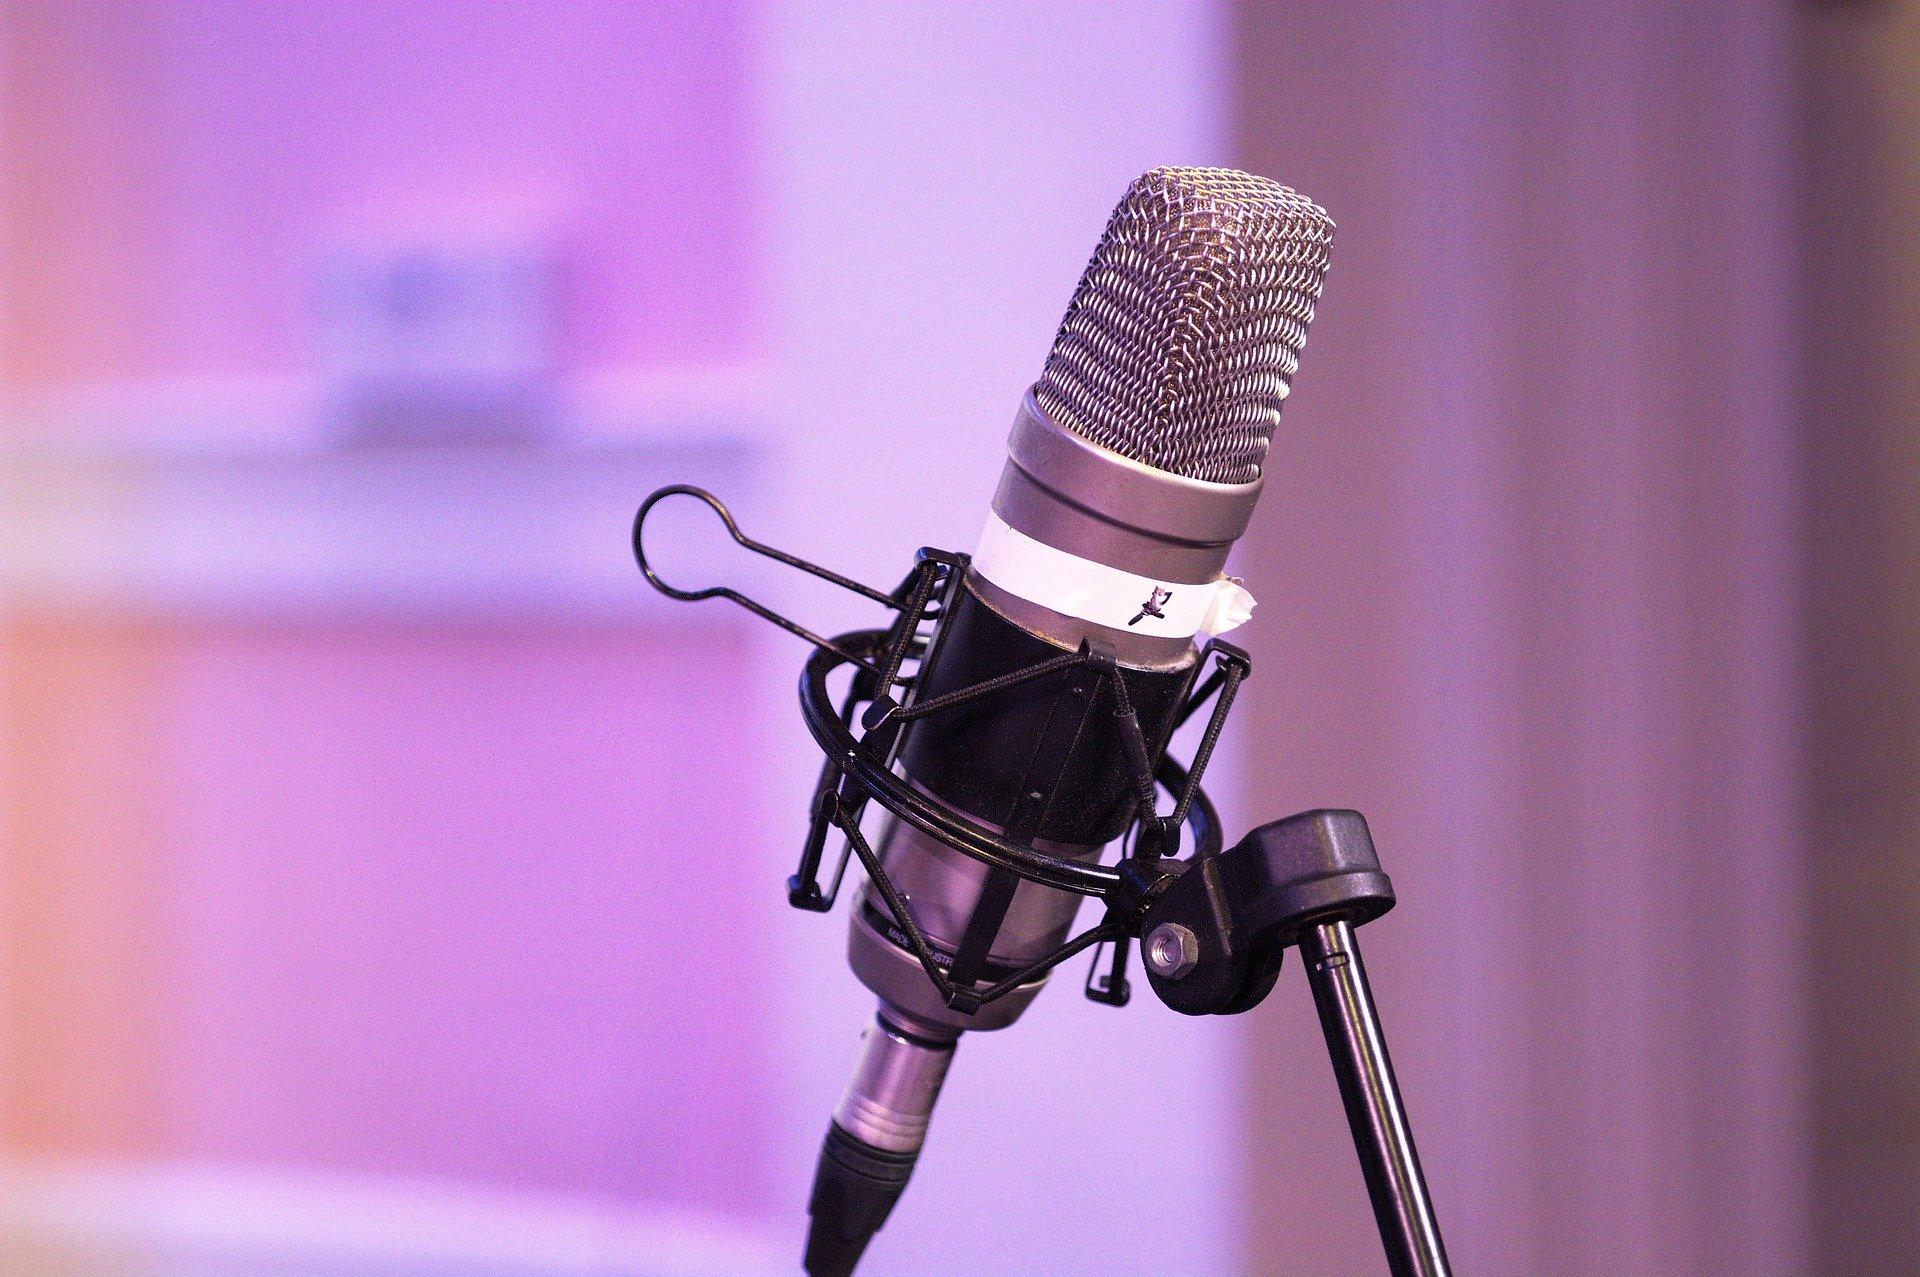 Imagem mostra um microfone preso a um suporte.